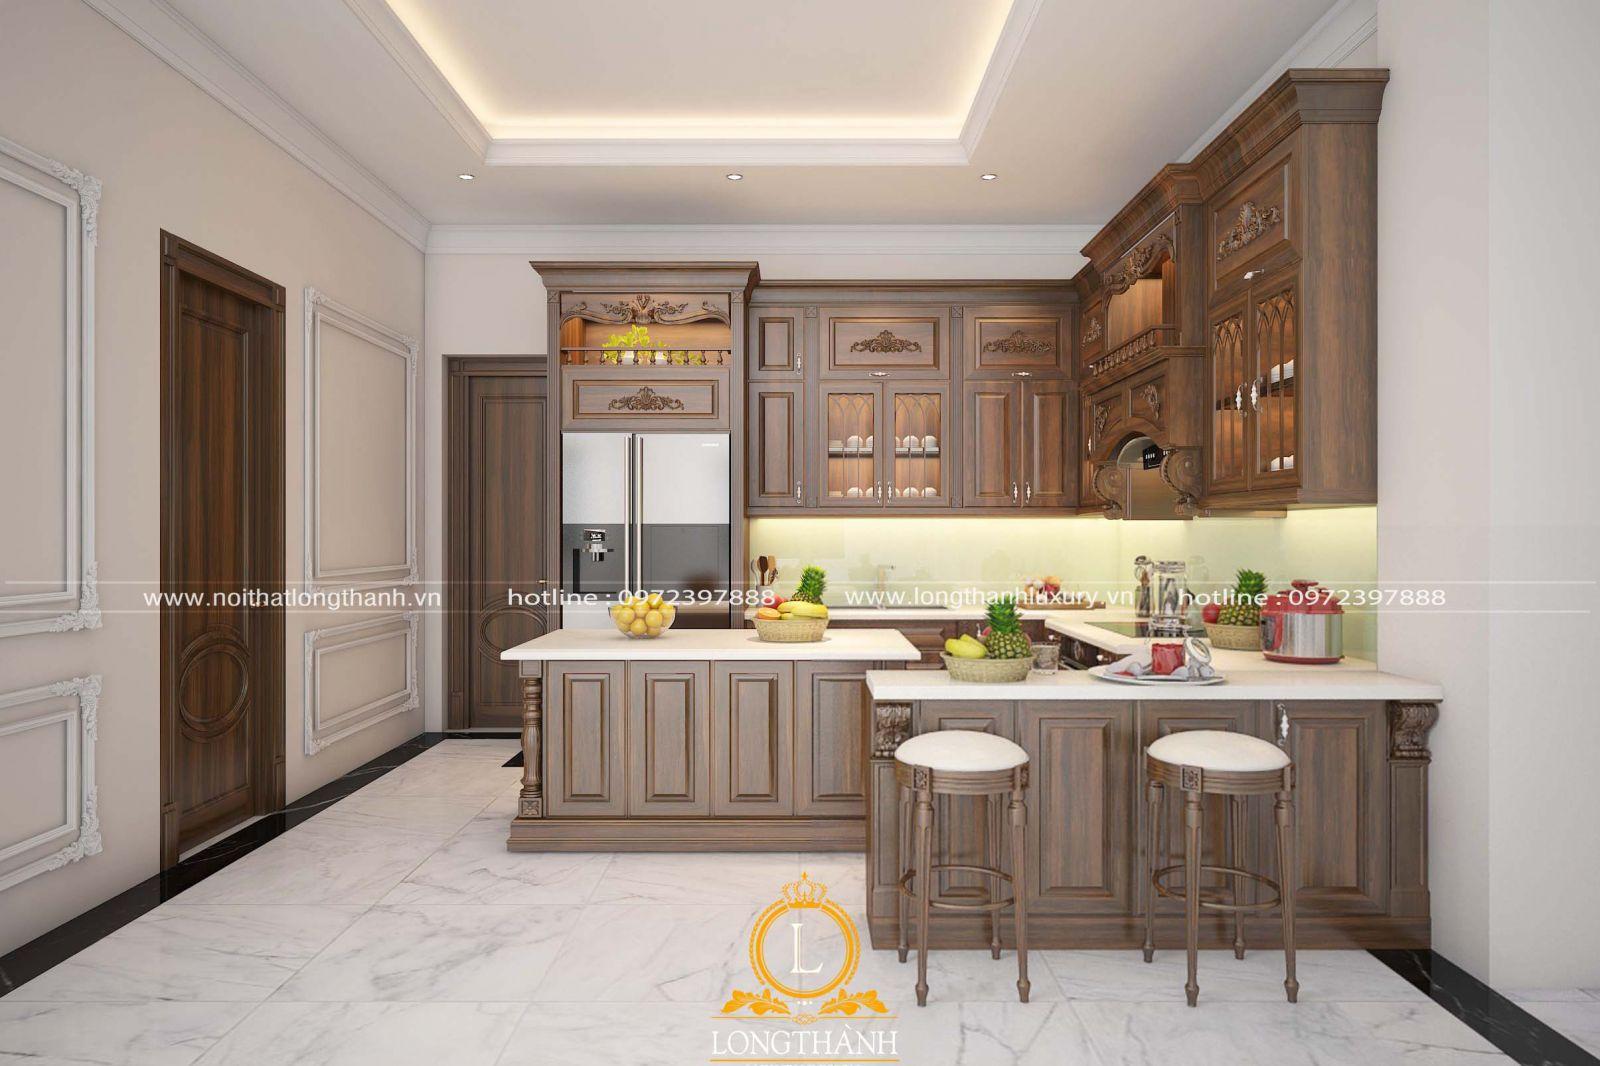 Bộ tủ bếp tân cổ điển đẹp được thiết kế và bài trí gọn gàng ngăn nắp